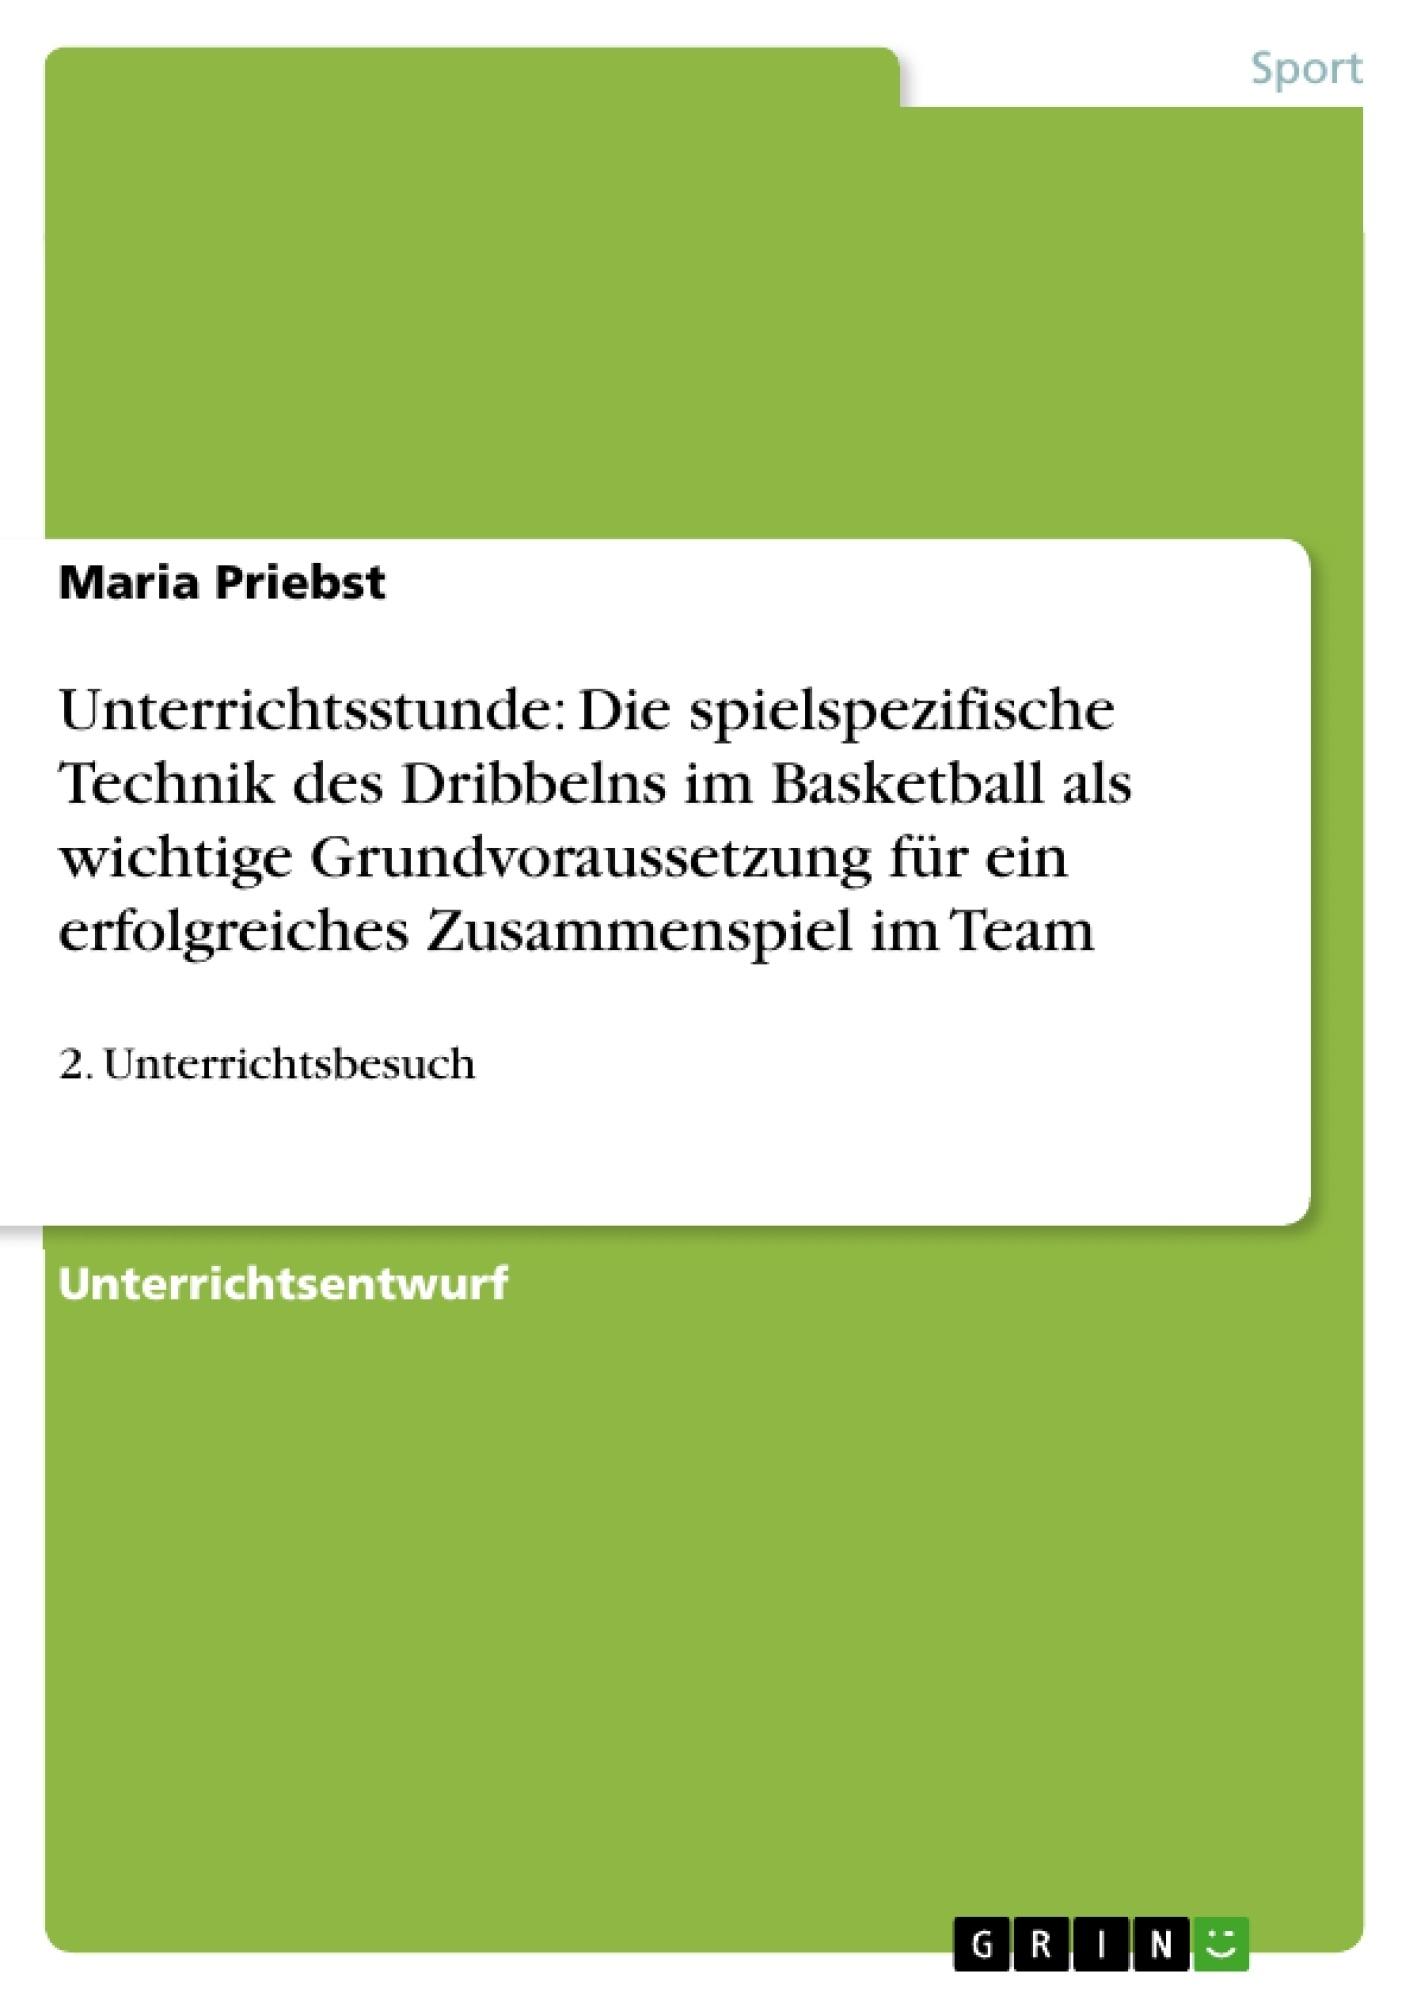 Titel: Unterrichtsstunde: Die spielspezifische Technik des Dribbelns im Basketball als wichtige Grundvoraussetzung für ein erfolgreiches Zusammenspiel im Team